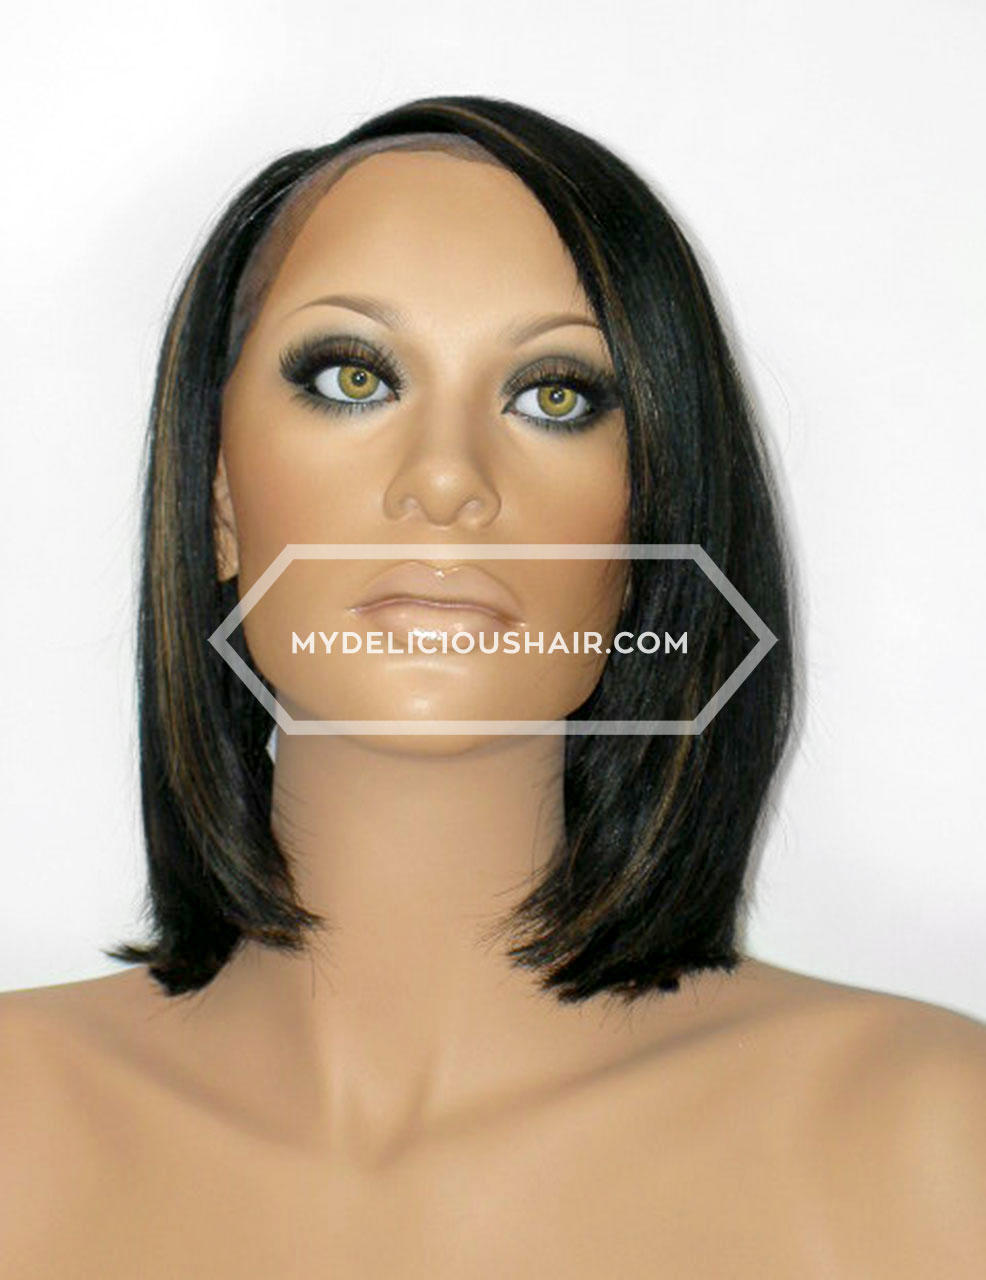 Shop Lace Wigs image 24